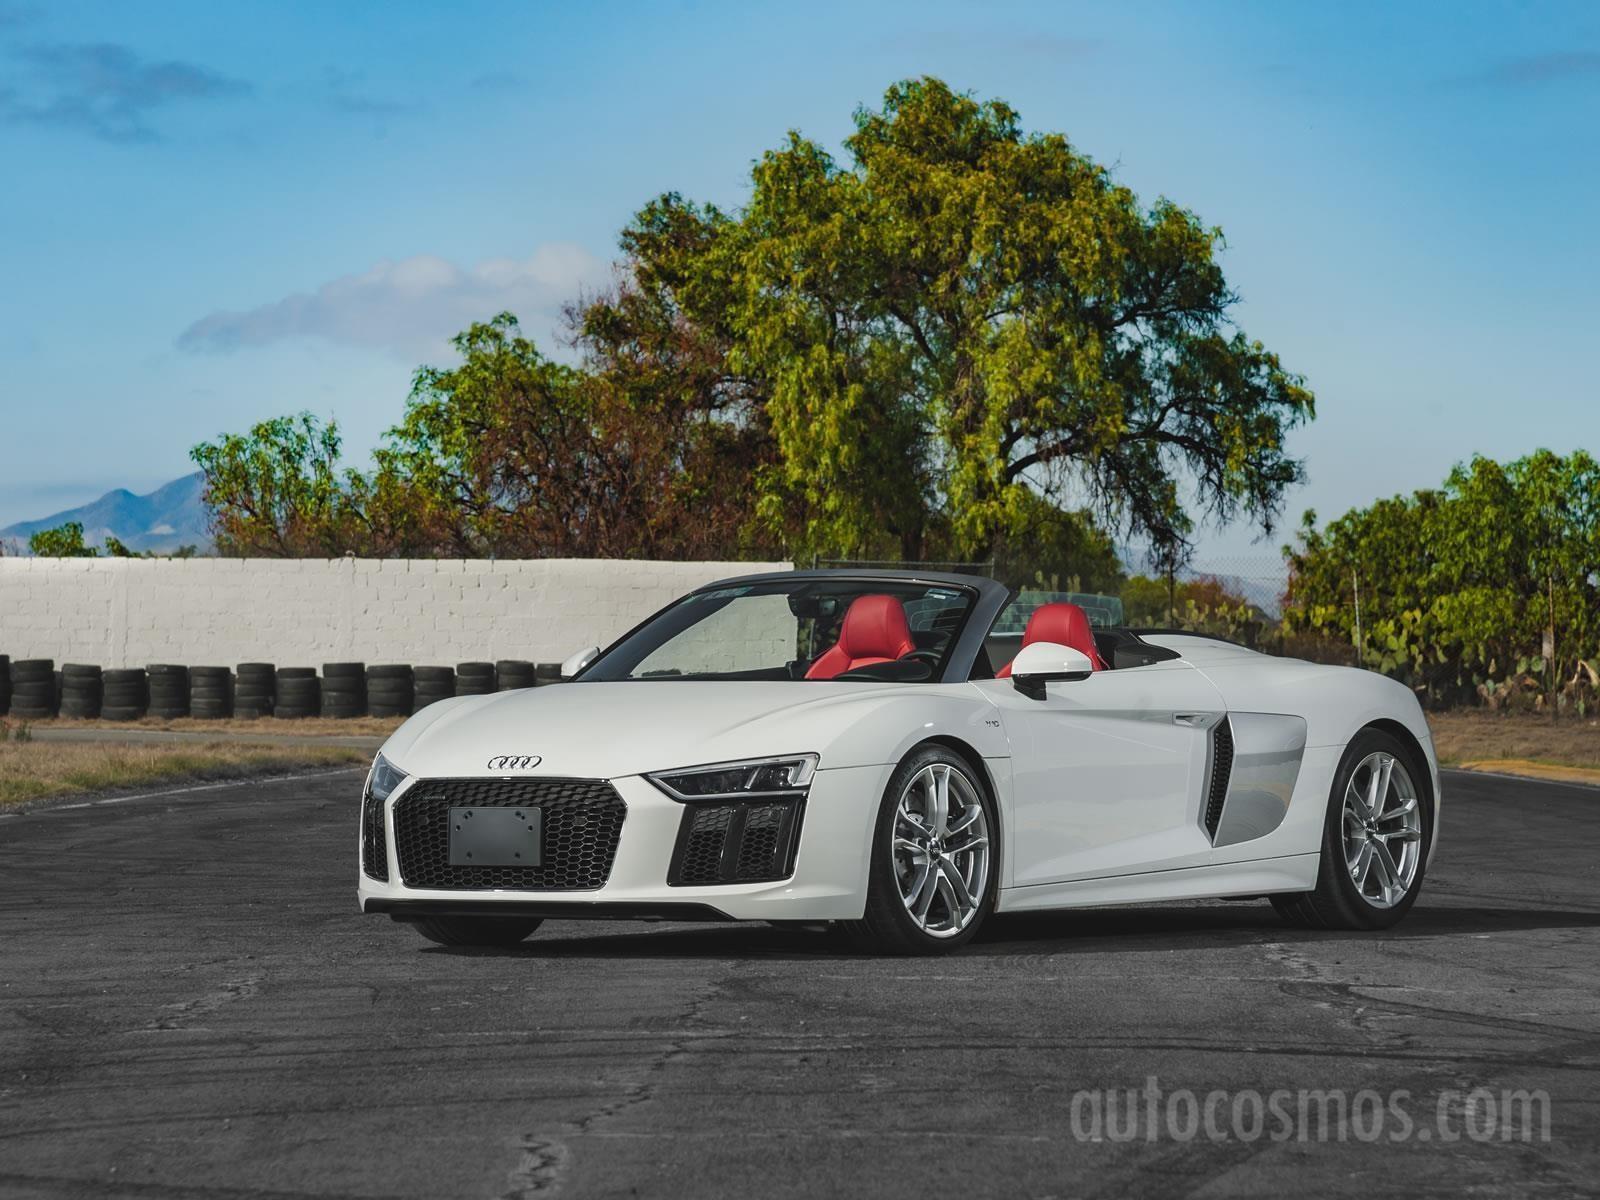 Audi r8 precio mexico 8